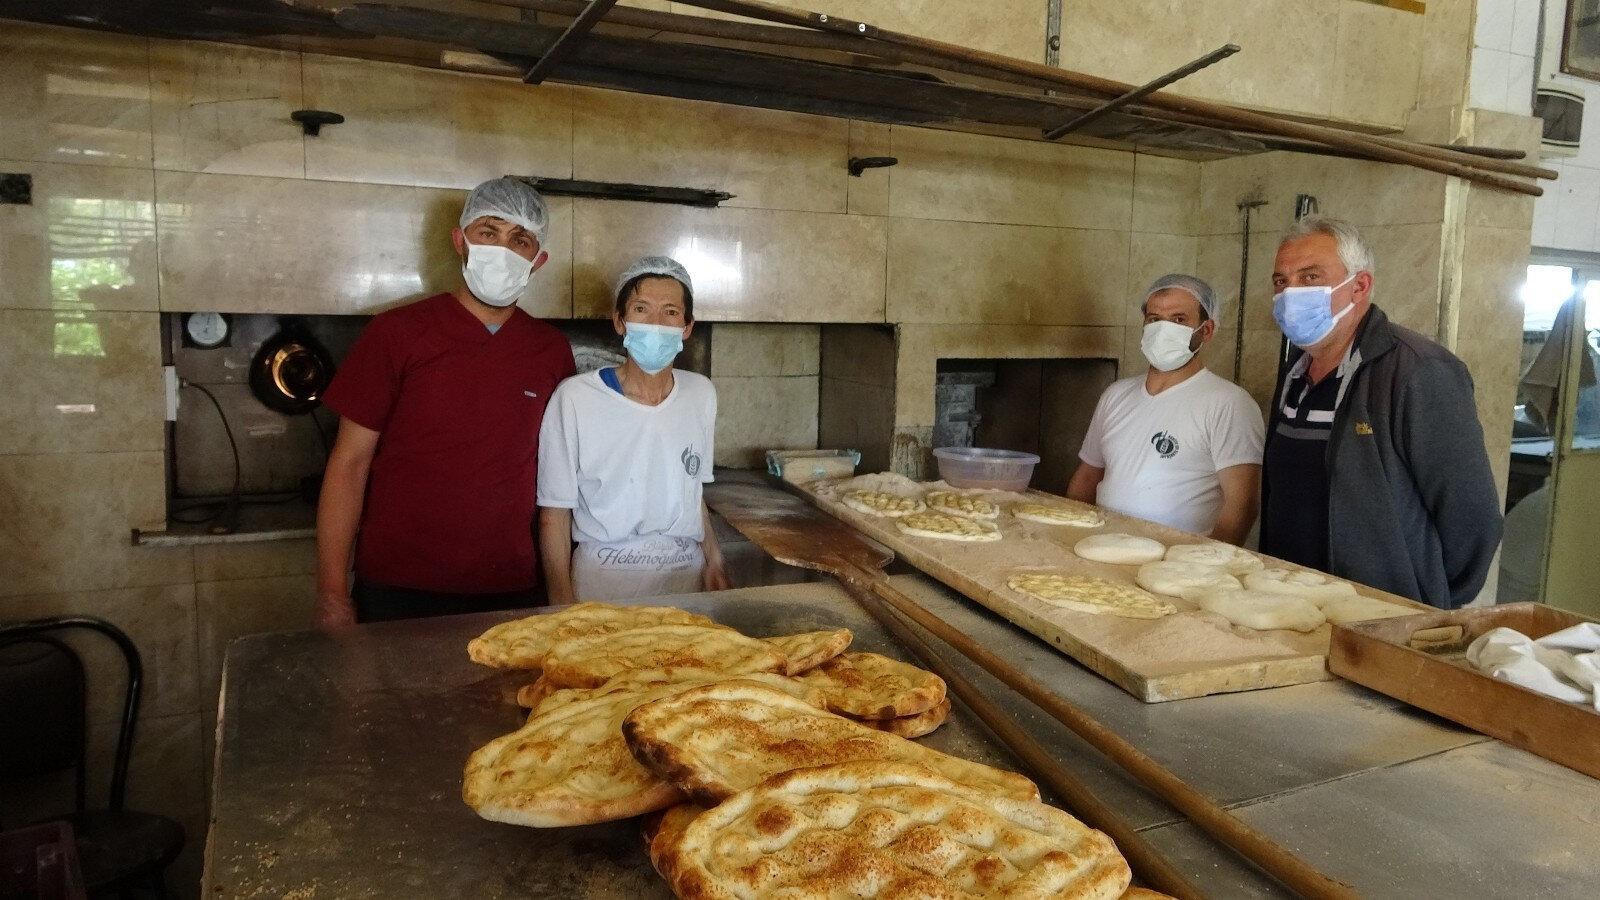 Fırın işletmecisi ve hayırseverler dolabı ekmek ve pideyle doldururken, ihtiyaç sahipleri de ücretsiz olarak istedikleri kadar ekmek alabiliyor.